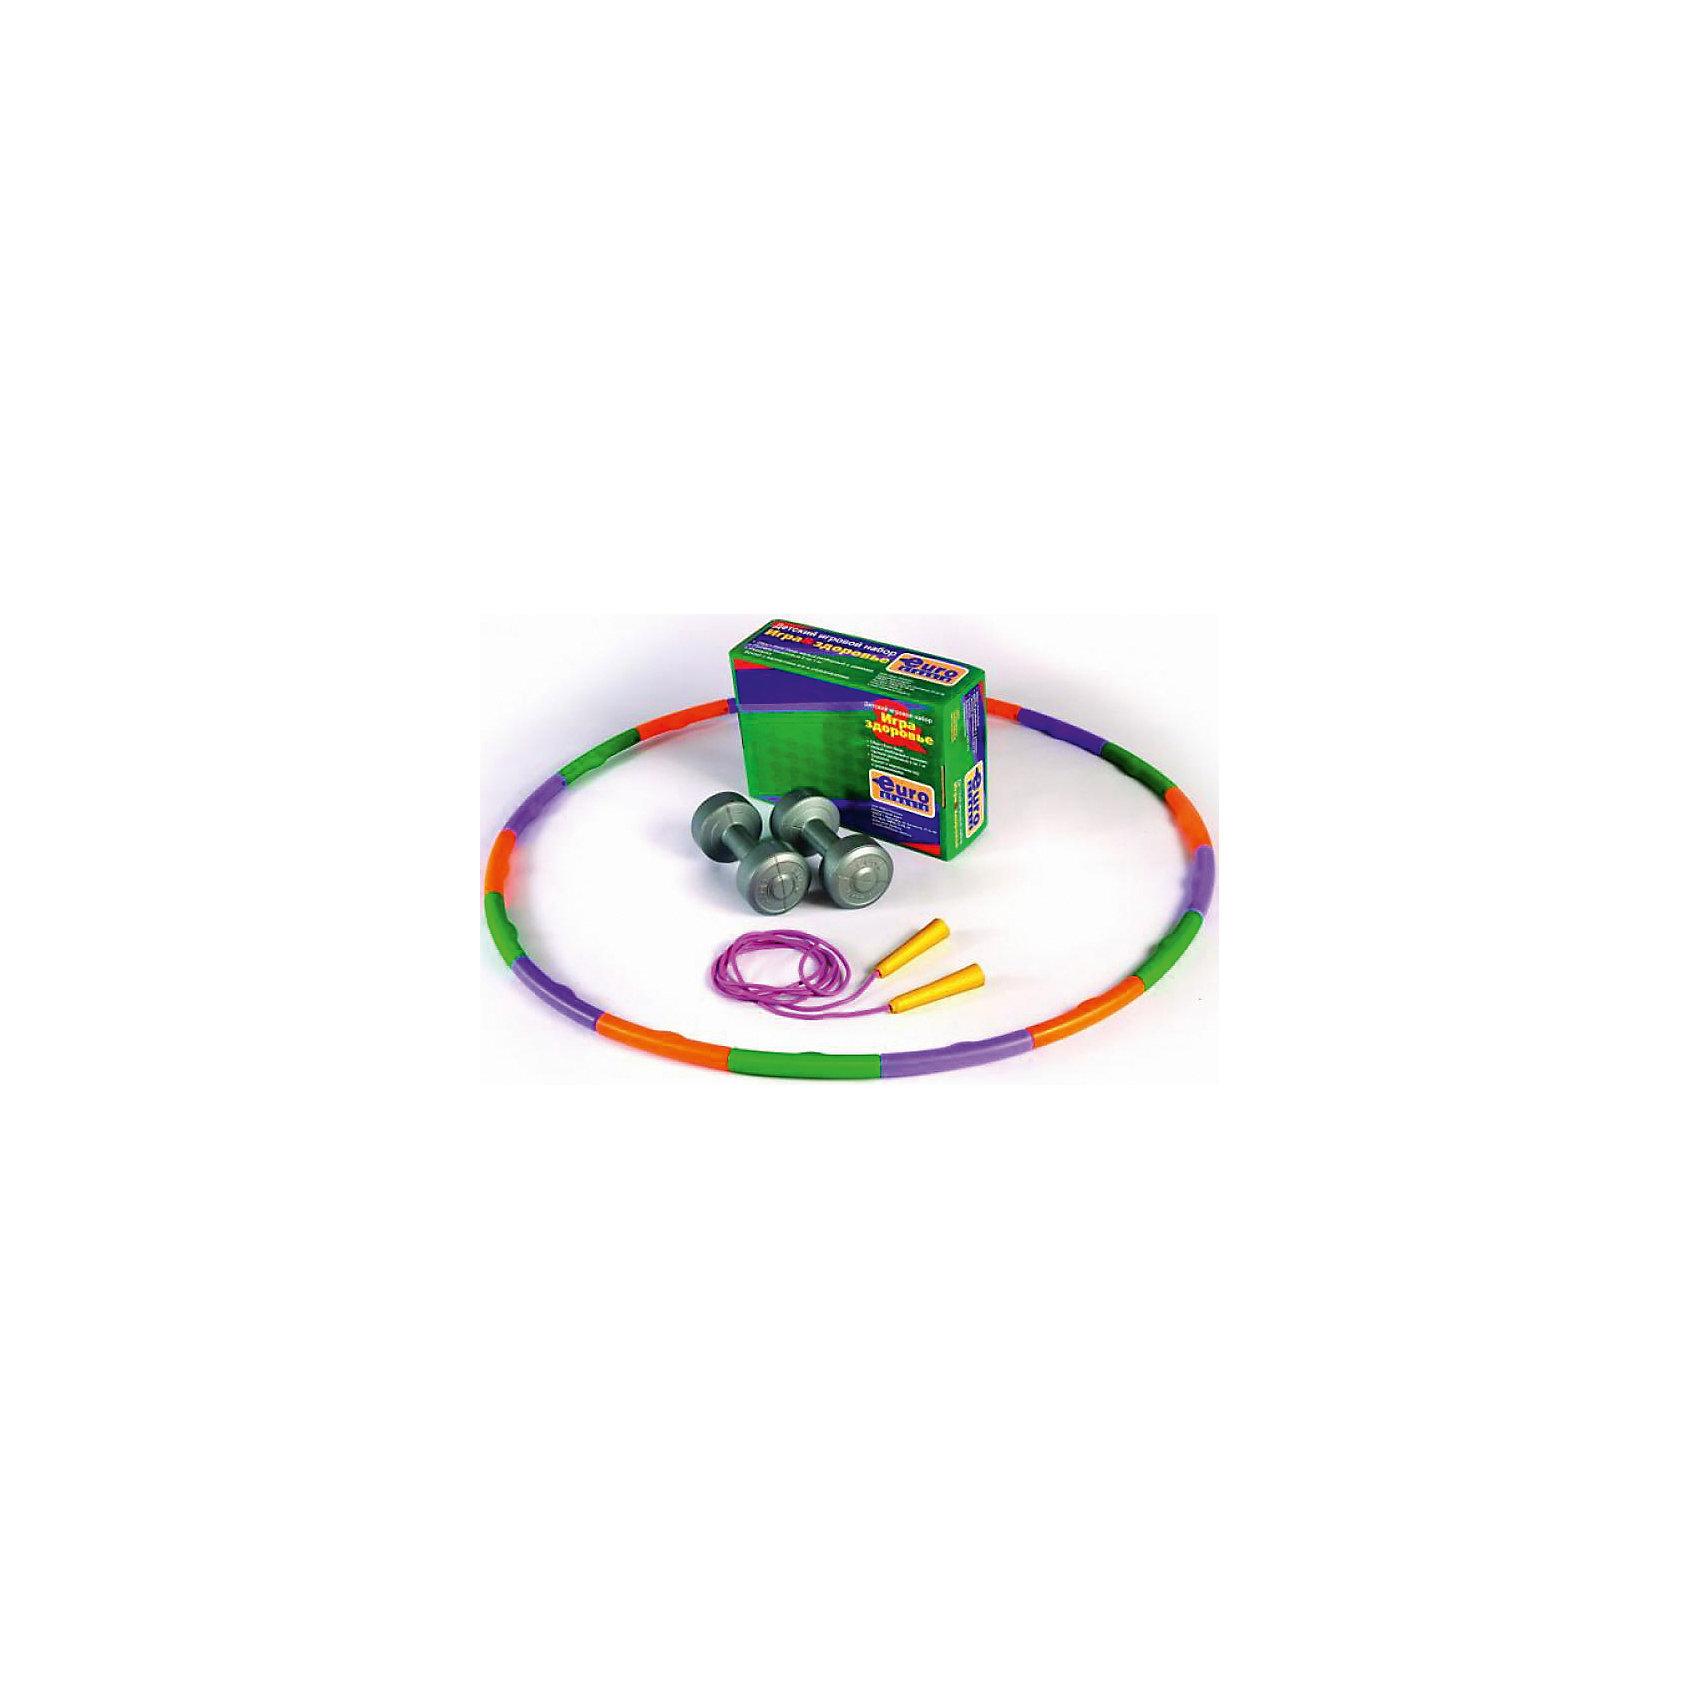 Набор для фитнеса Игра и здоровье, Euro classicМассажеры<br>Основные характеристики<br><br>Назначение: для занятий фитнесом и оздоровительной гимнастикой<br>Комплектность: обруч массажный разборный 890 (18 сегментов), гантели виниловые 2шт. по 1кг., скакалка 2,8м, буклет с вариантами упражнений и игр для детей<br>Вид применения: домашнее использование<br>Страна-производитель: Россия<br>Упаковка: индивидуальная цветная коробка с удобной ручкой для переноски<br><br>Набор для домашнего фитнеса, увлекательная игра для детей и взрослых. С помощью этого набора, вы сможете скорректировать талию, поднять тонус и укрепить обще-физическое состояние организма.<br><br>Ширина мм: 220<br>Глубина мм: 100<br>Высота мм: 310<br>Вес г: 2490<br>Возраст от месяцев: 36<br>Возраст до месяцев: 192<br>Пол: Унисекс<br>Возраст: Детский<br>SKU: 5056650